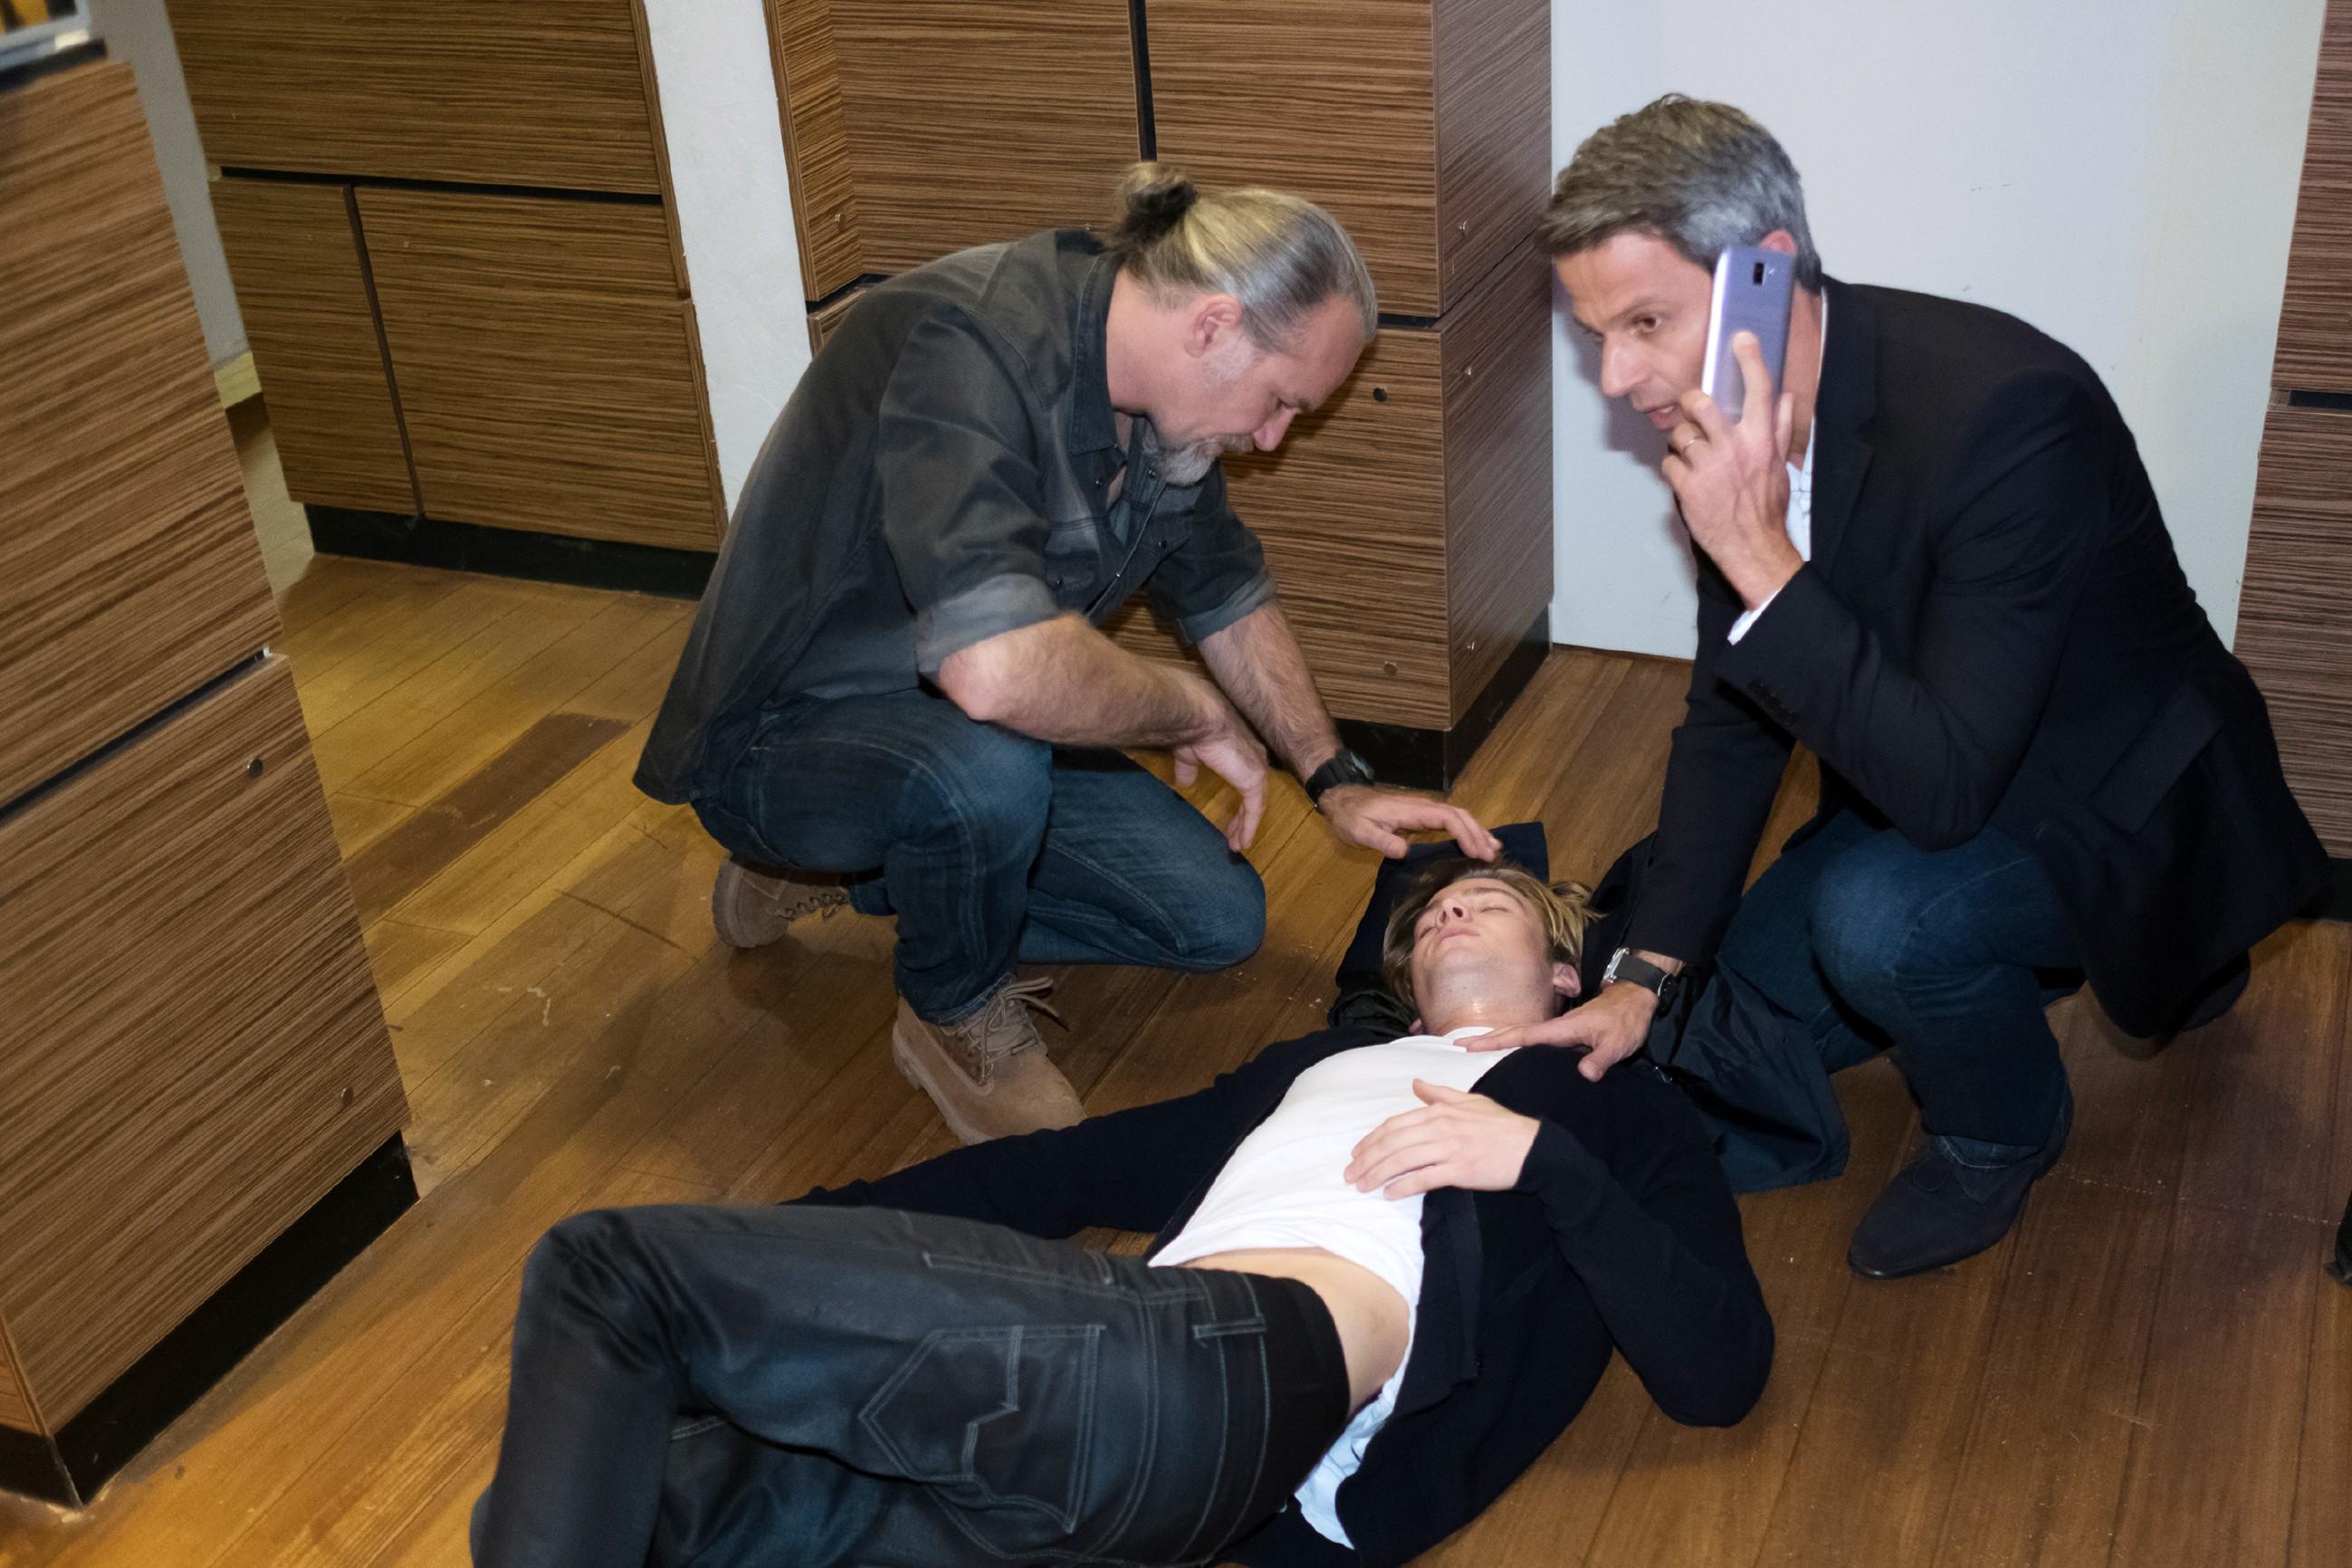 Robert (Luca Maric, l.) und Benedikt (Jens Hajek, r.) kümmern sich um den bewusstlosen Valentin (Aaron Koszuta) und rufen den Notarzt.